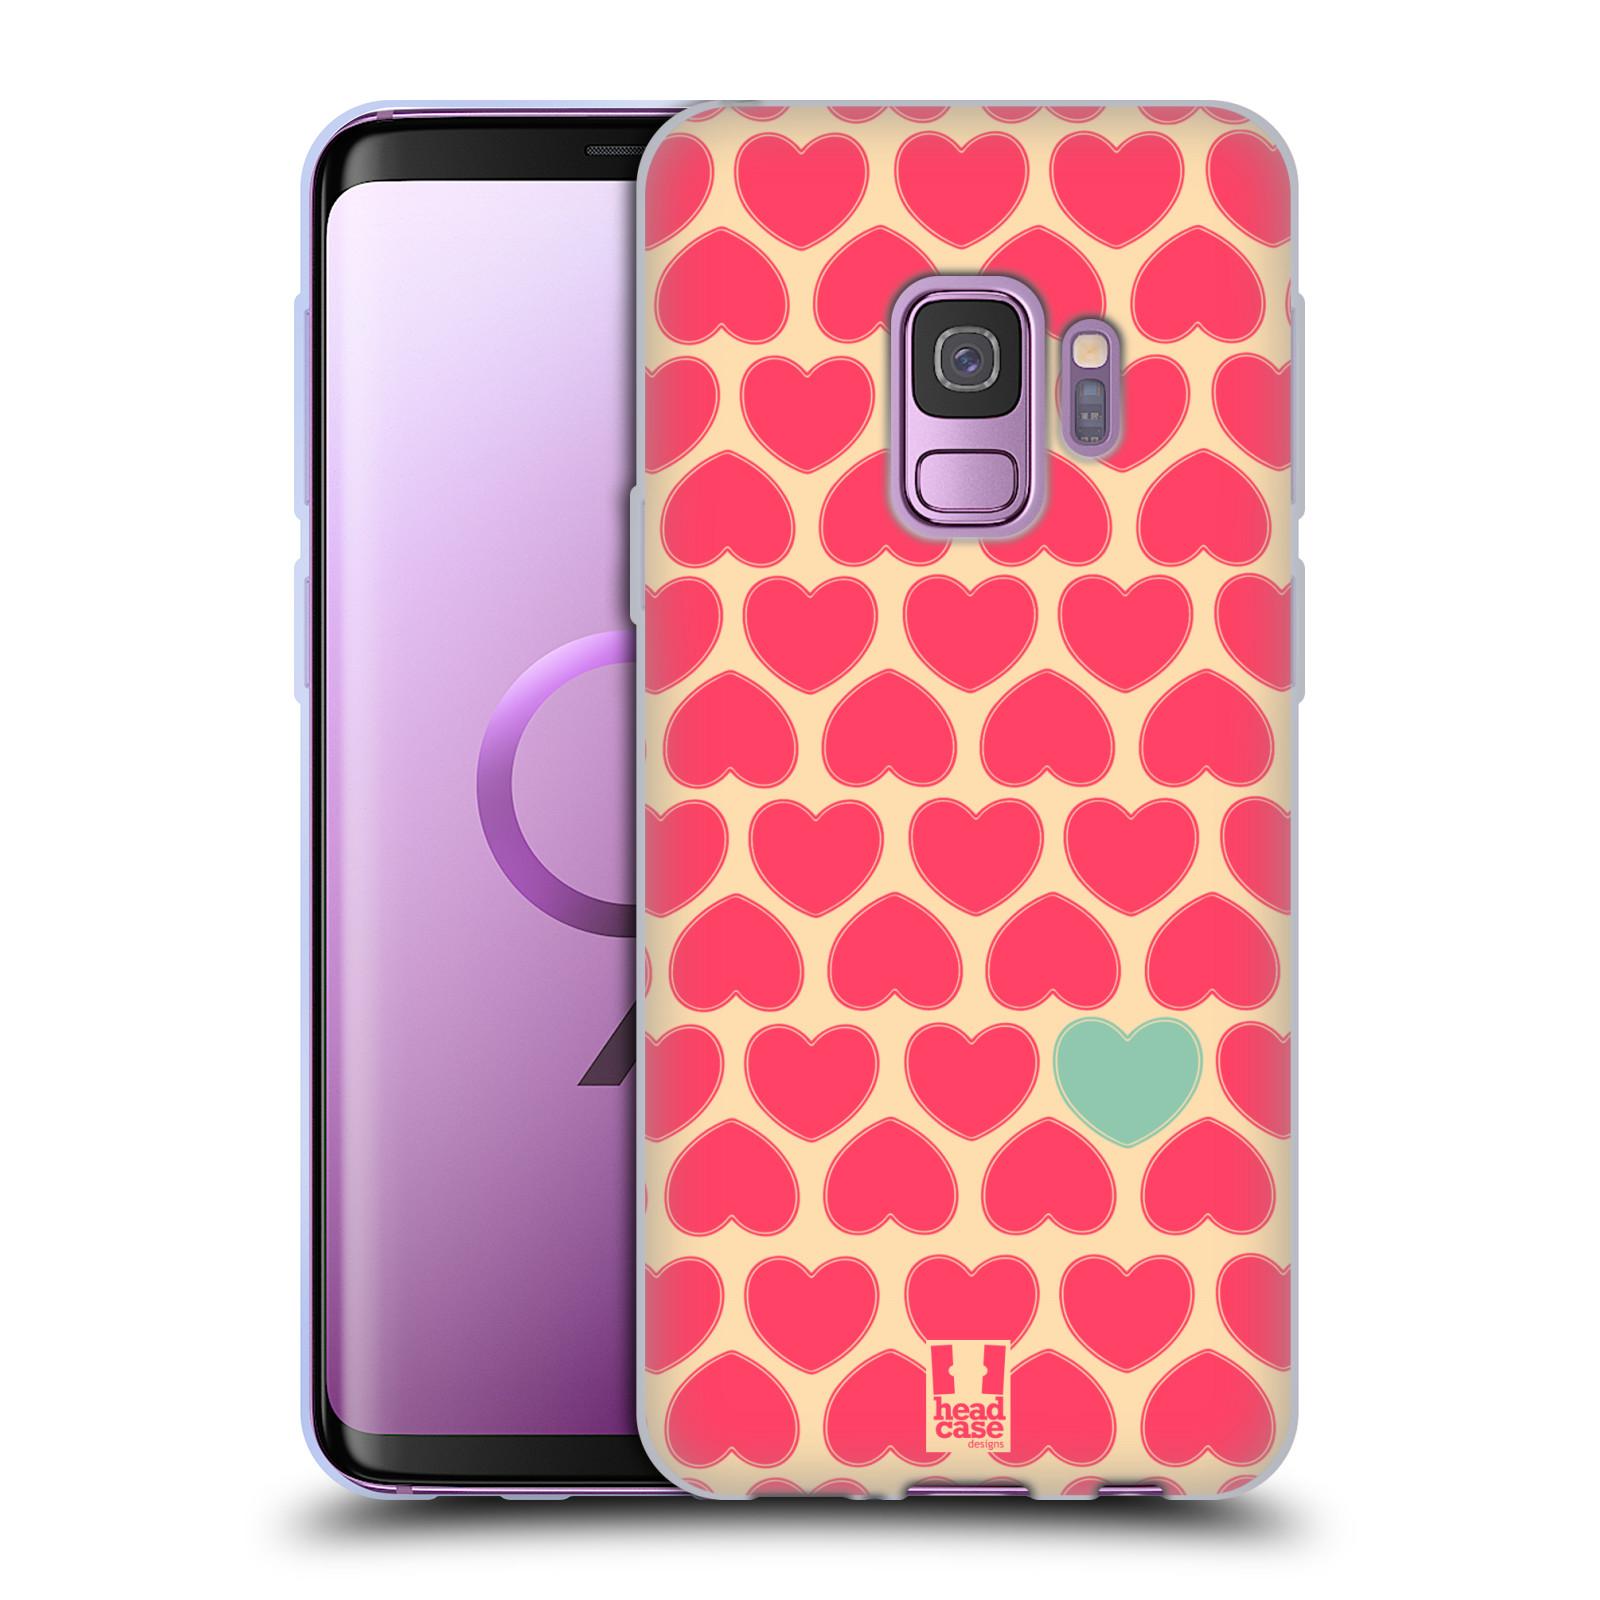 Disenos-de-patron-de-corazon-suave-caso-HEAD-Gel-caso-para-SAMSUNG-TELEFONOS-1